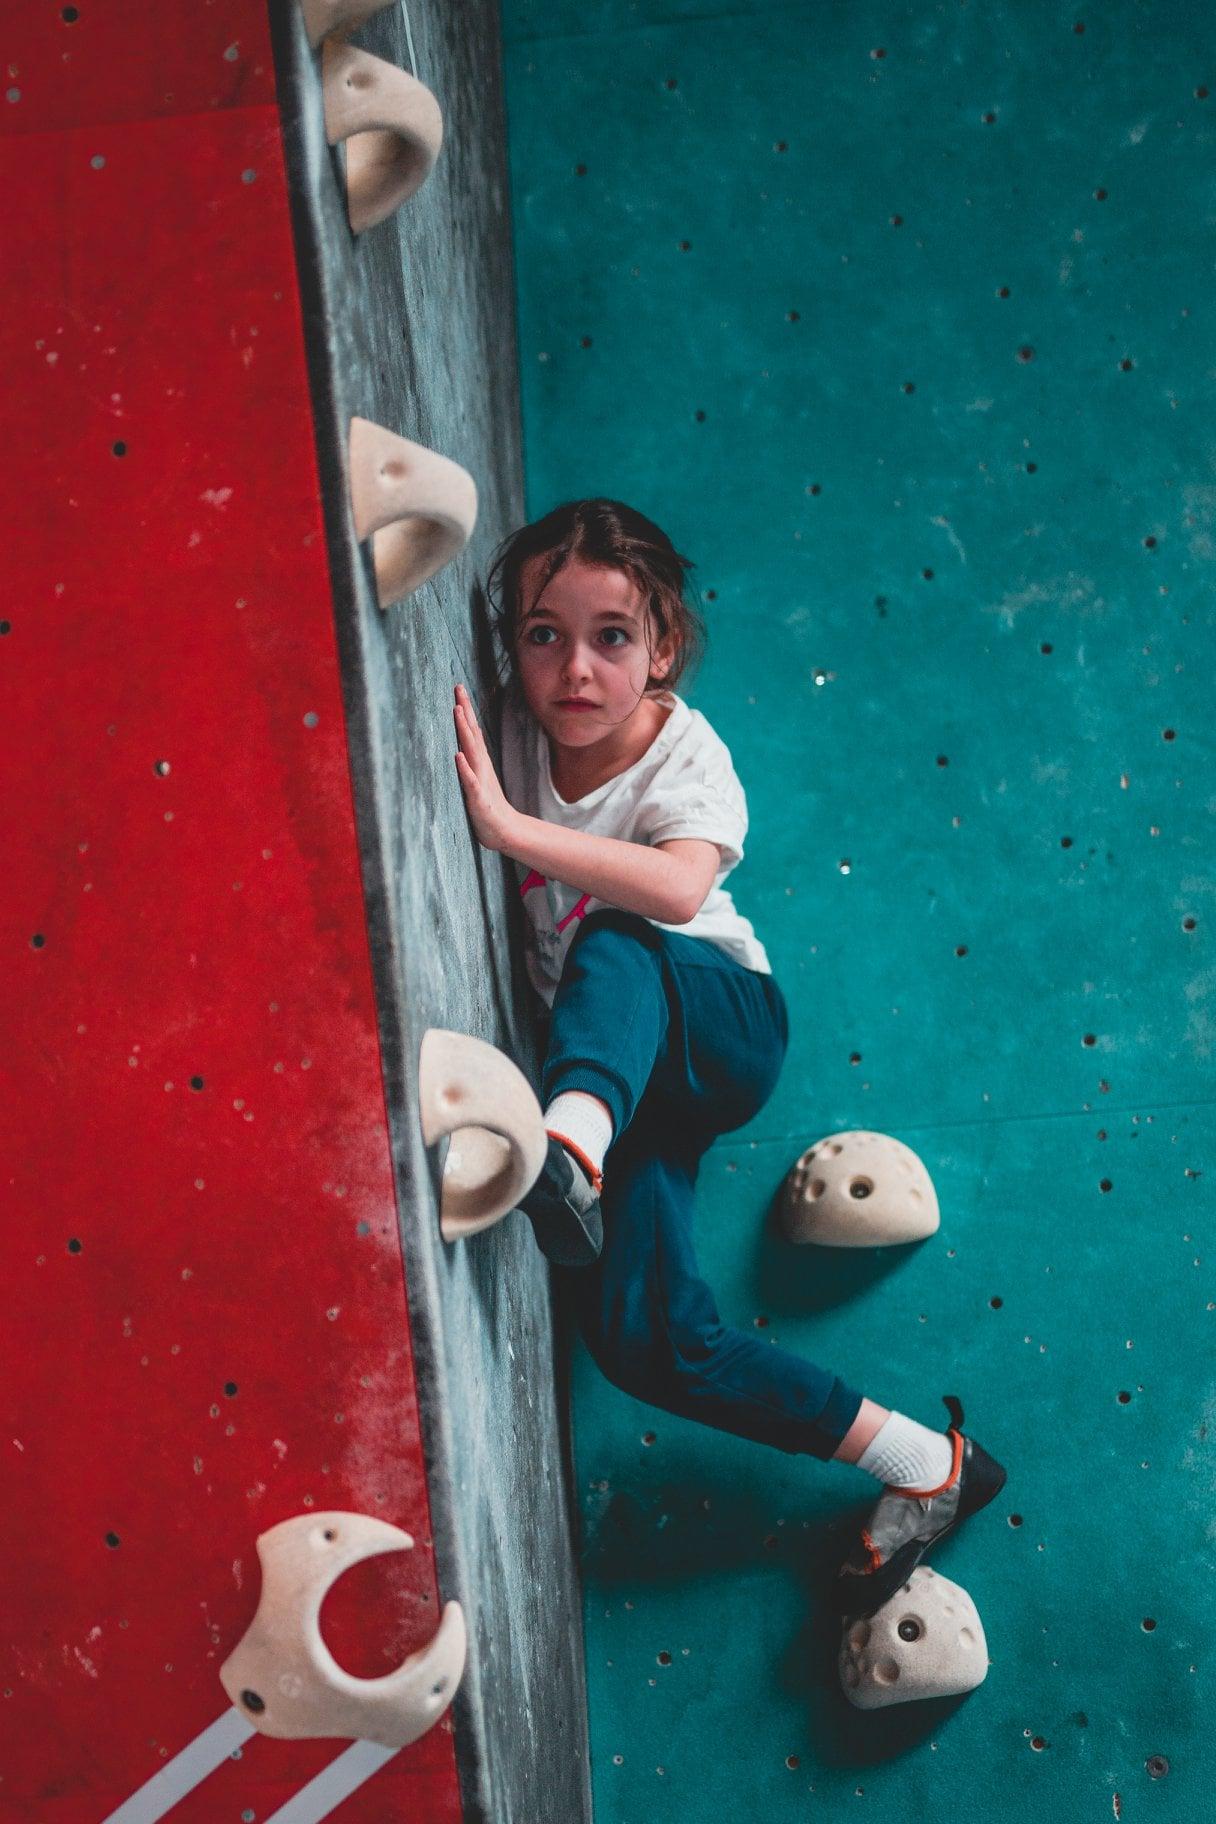 Kids on bloc ce mercredi 21 juillet à Vertical'Art Lyon, venez nombreux